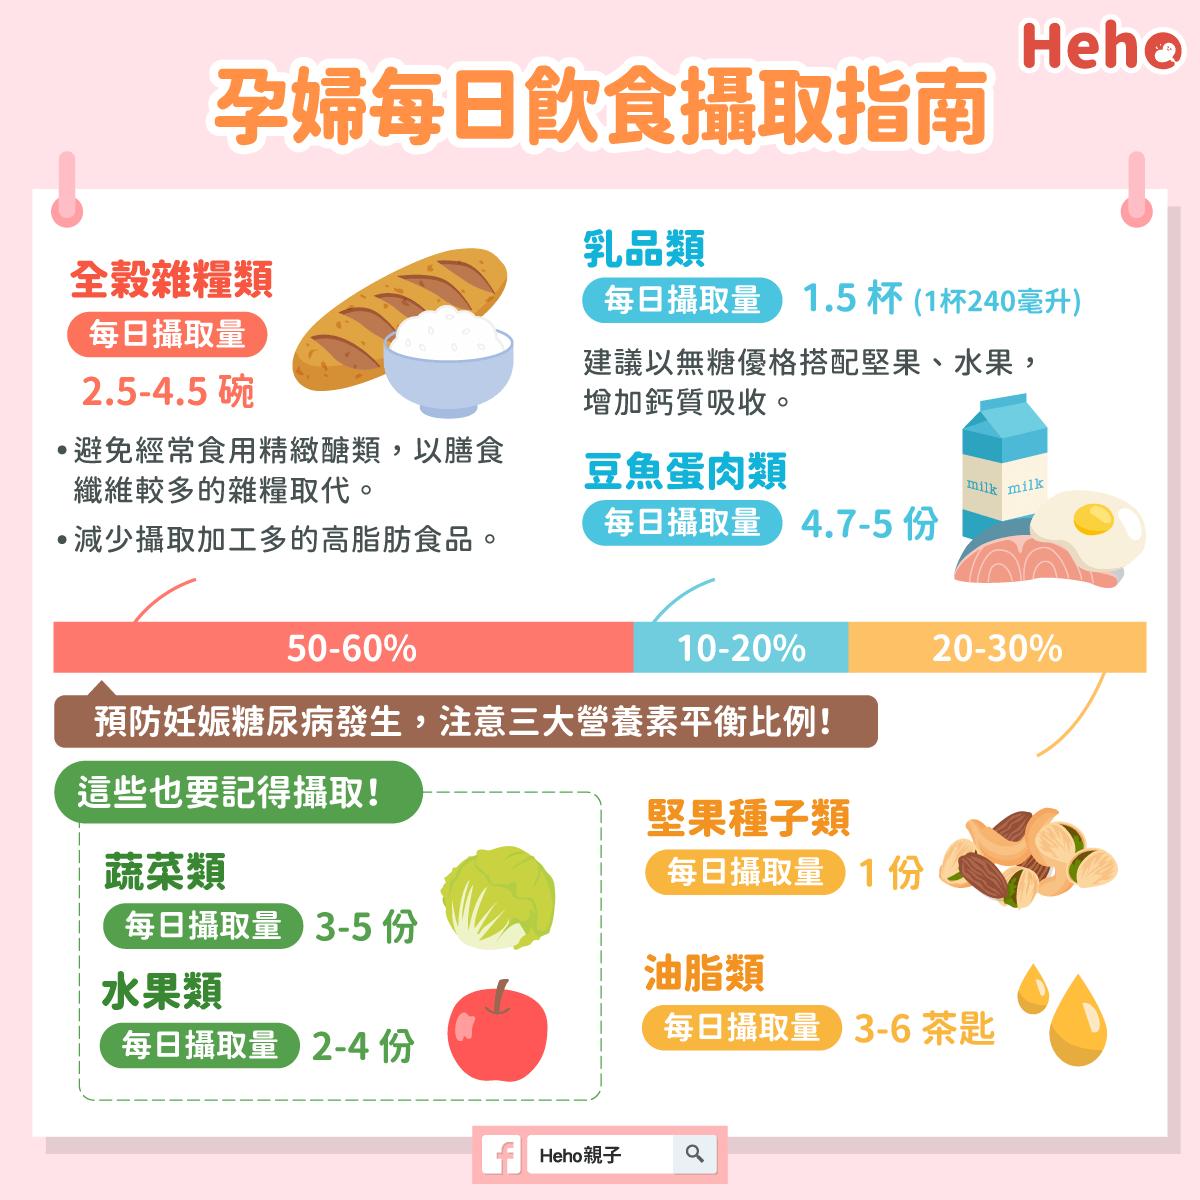 圖解_孕期每日飲食攝取指南